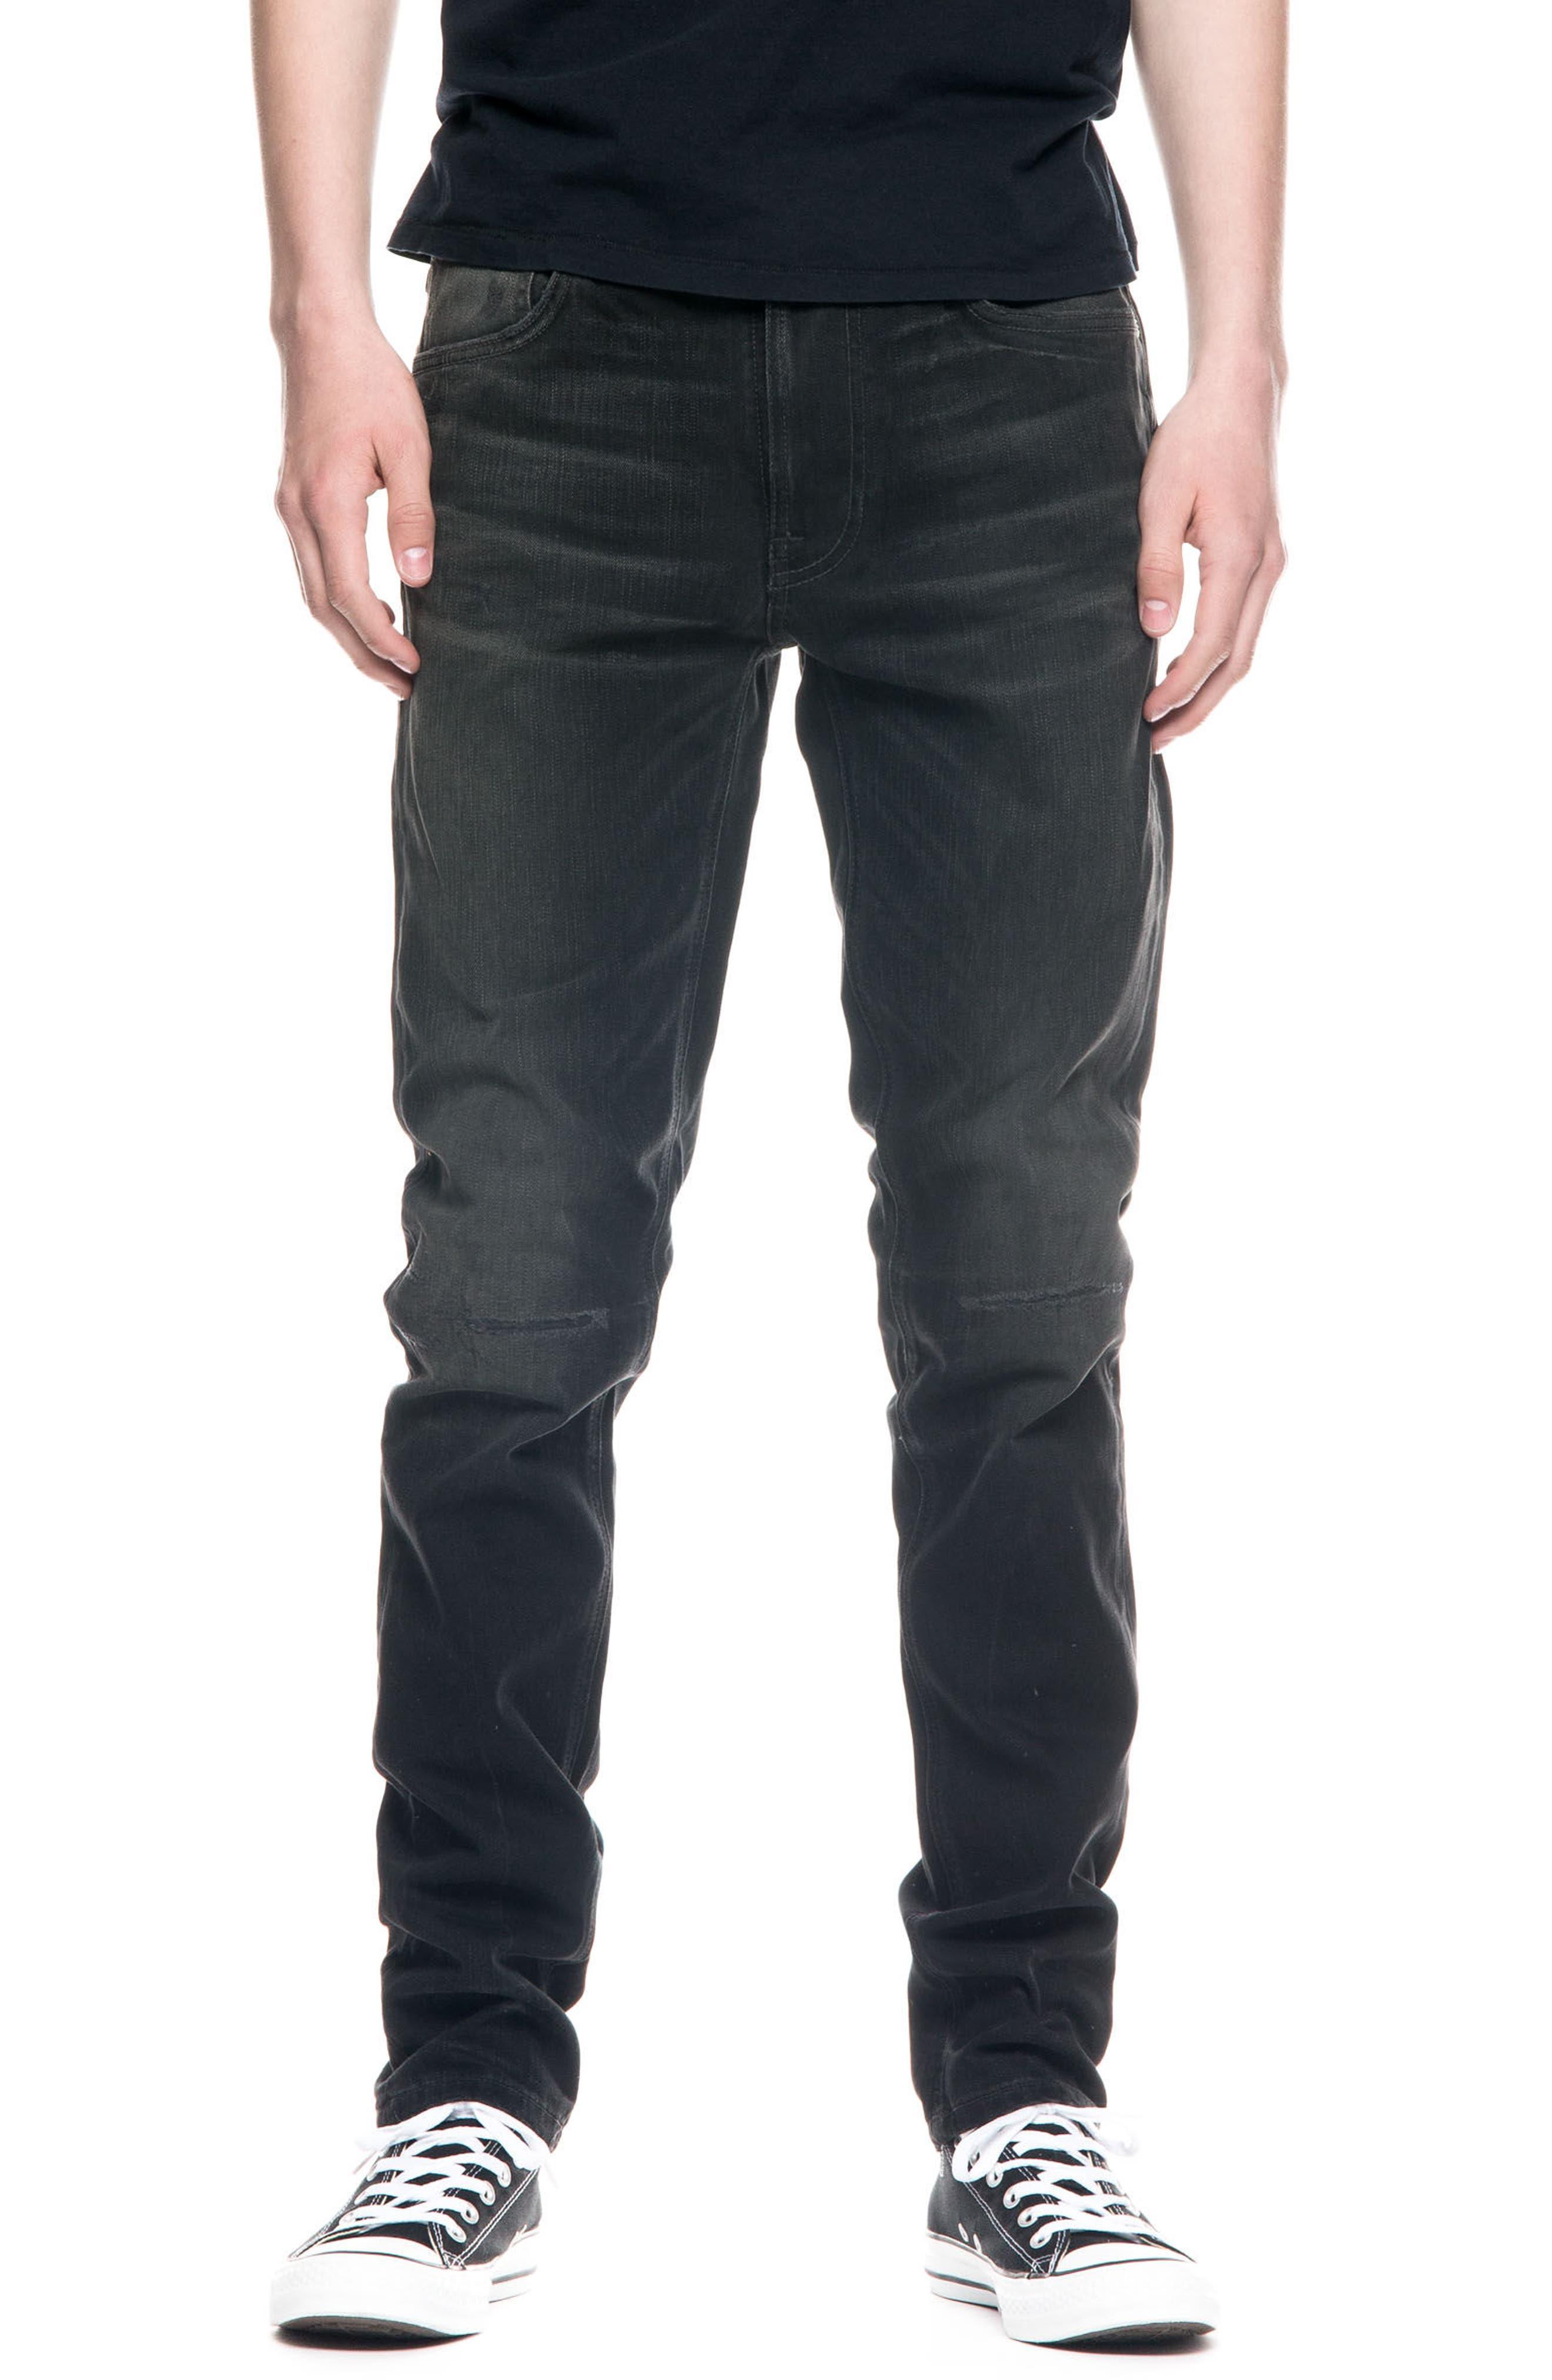 Main Image - Nudie Jeans Lean Dean Slouchy Slim Fit Jeans (Johan Replica)